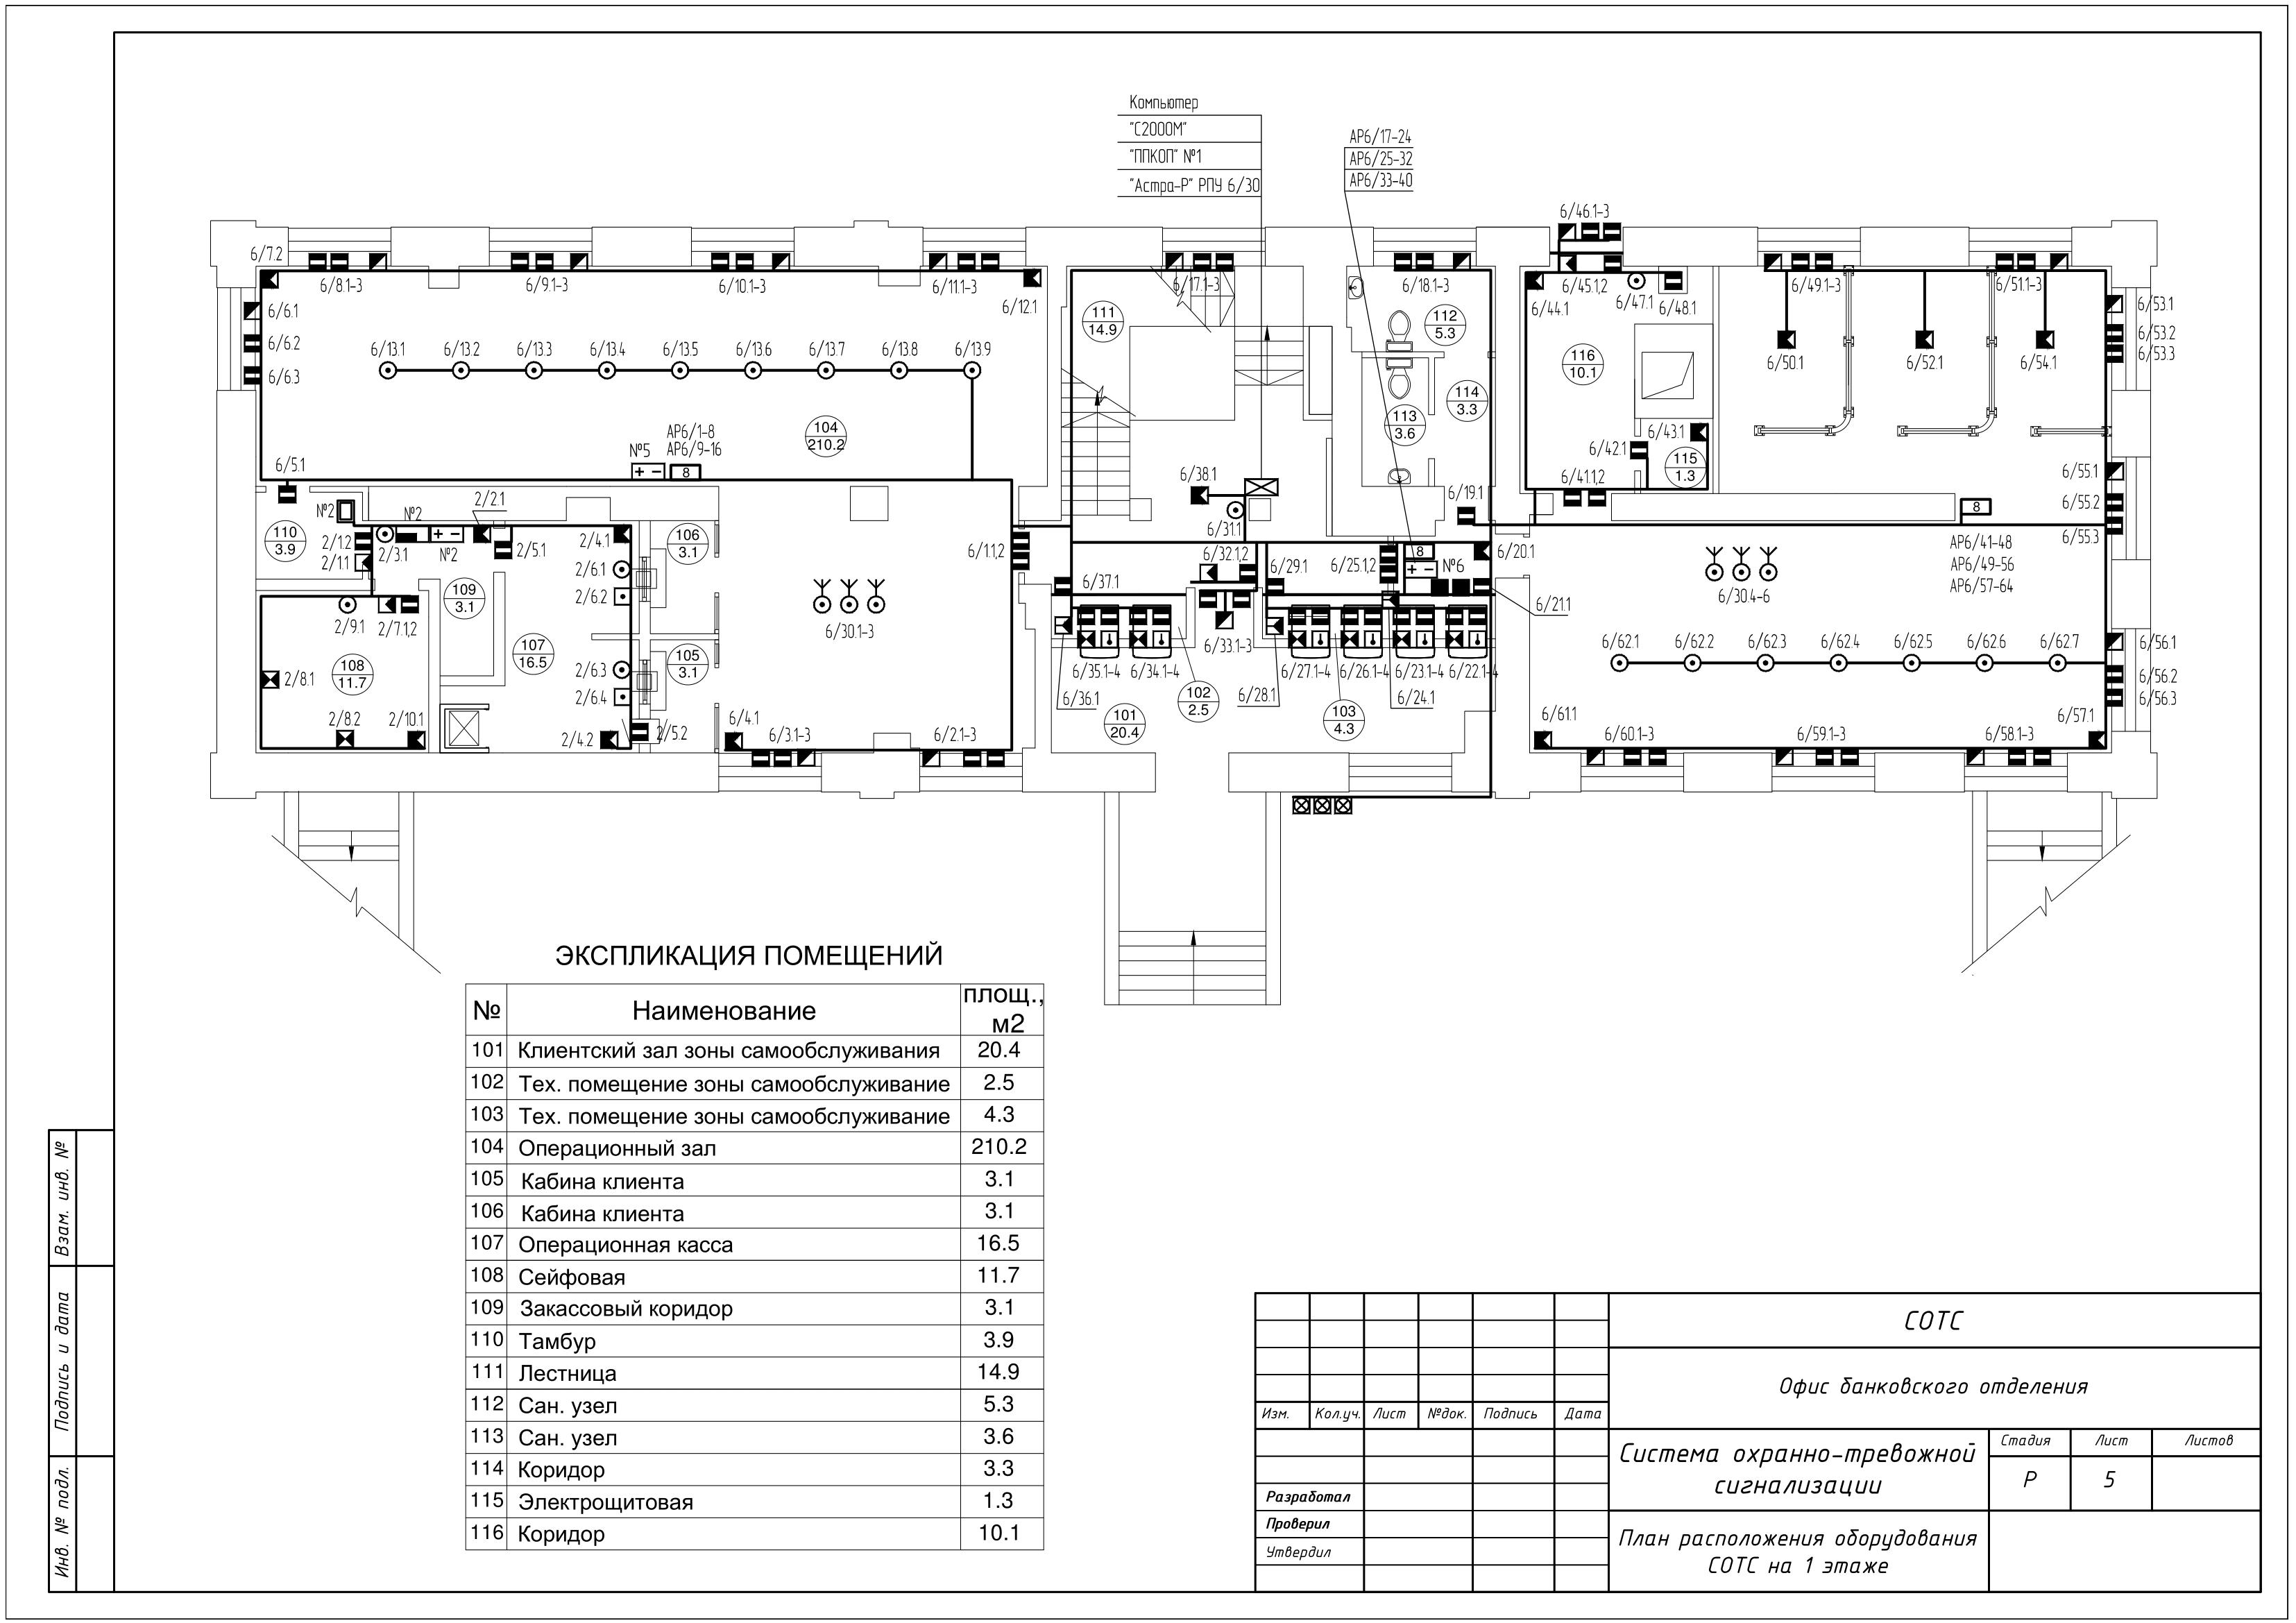 Проект охранной сигнализации офиса на Болиде